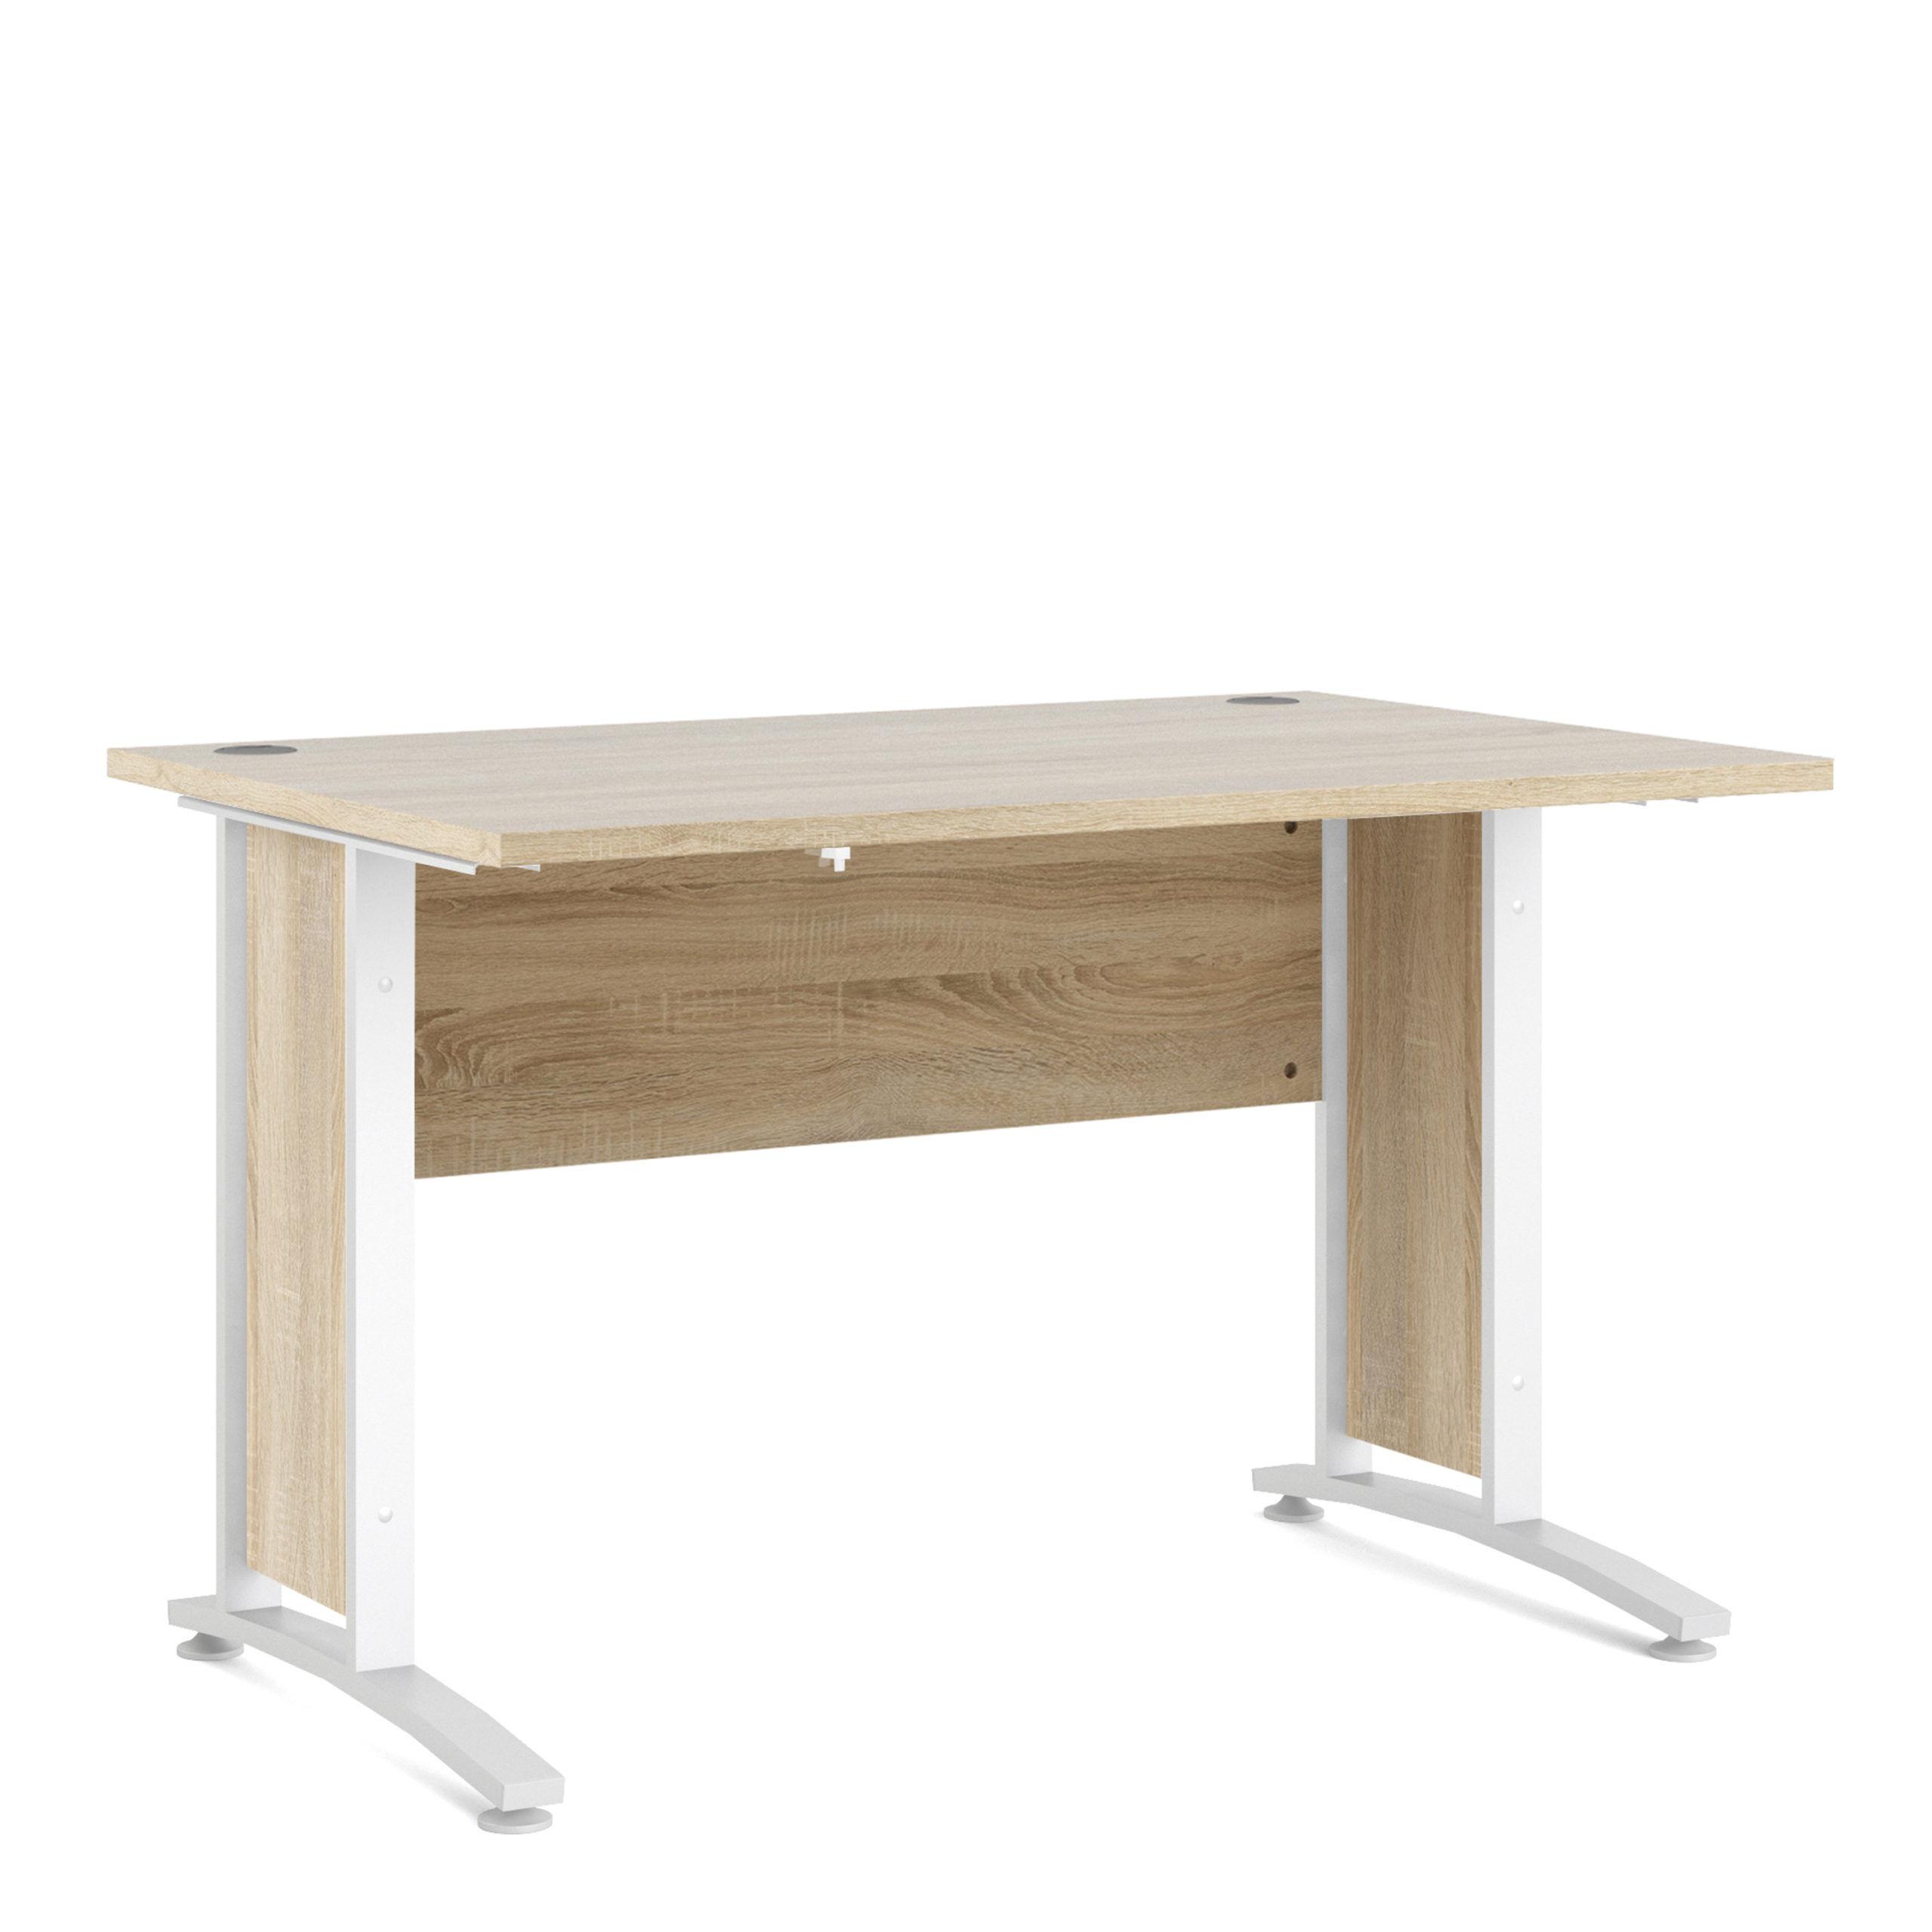 Kansas Desk 120 cm in Oak with White Legs   Self Assembly